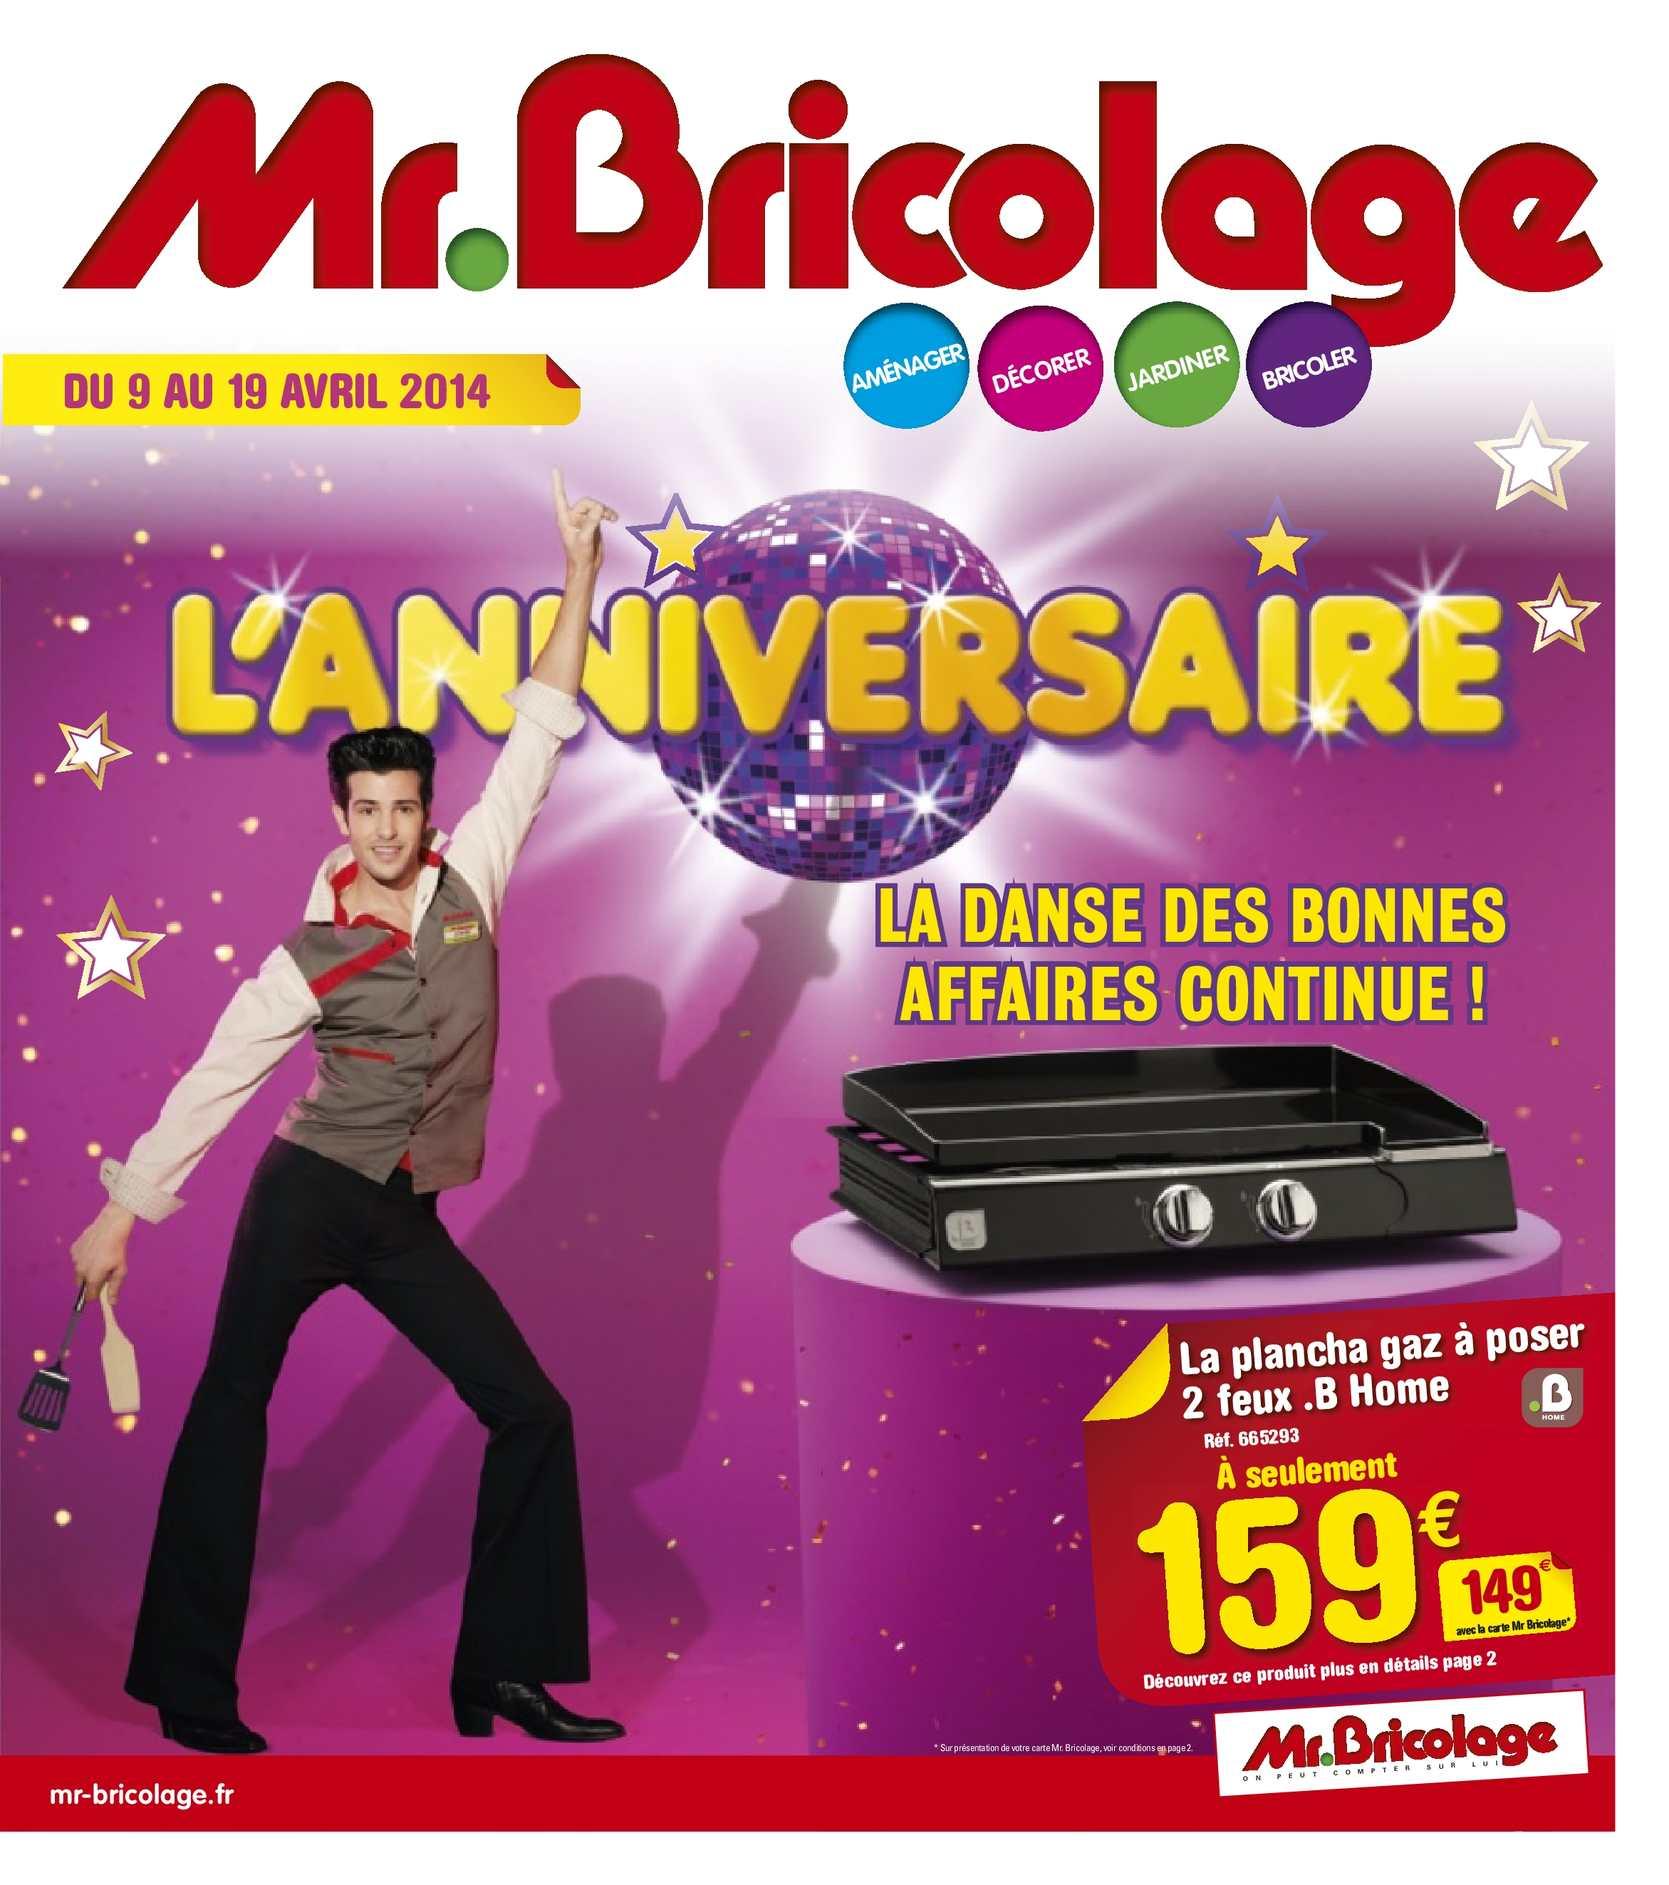 Anniversaire pages Calaméo Catalogue Mr 2 Bricolage 16 5L3AqSc4Rj